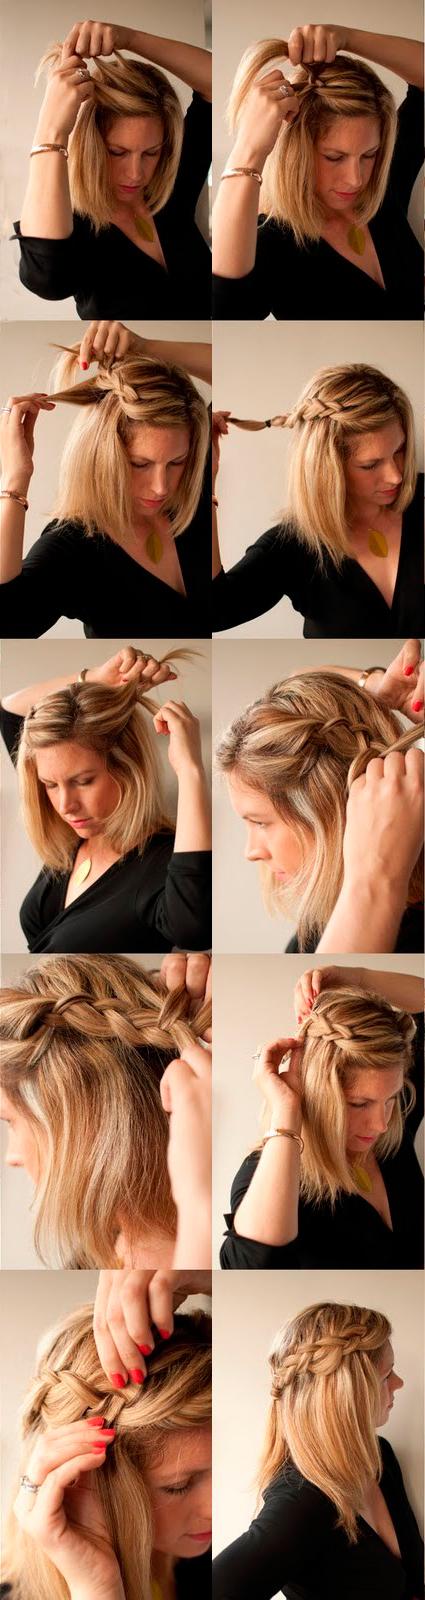 Быстрые прически своими руками на средние волосы